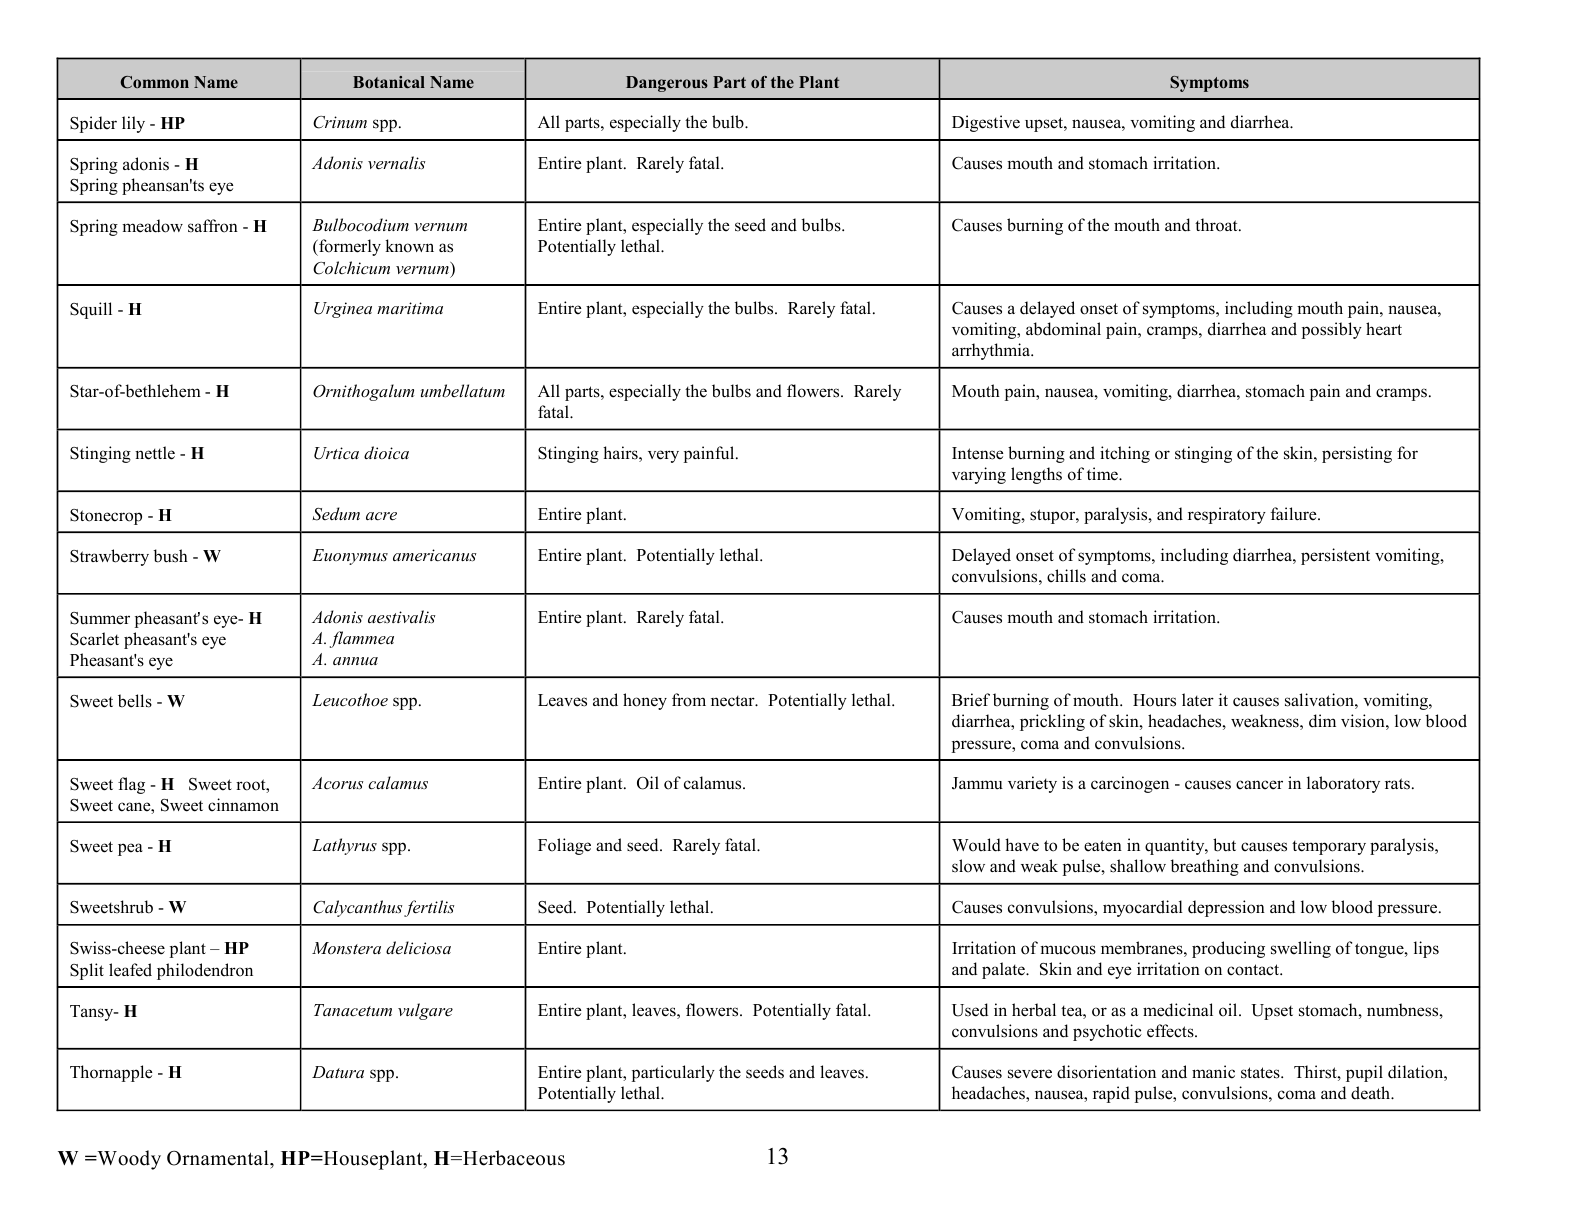 oc0417_revisedpoisonousplants13